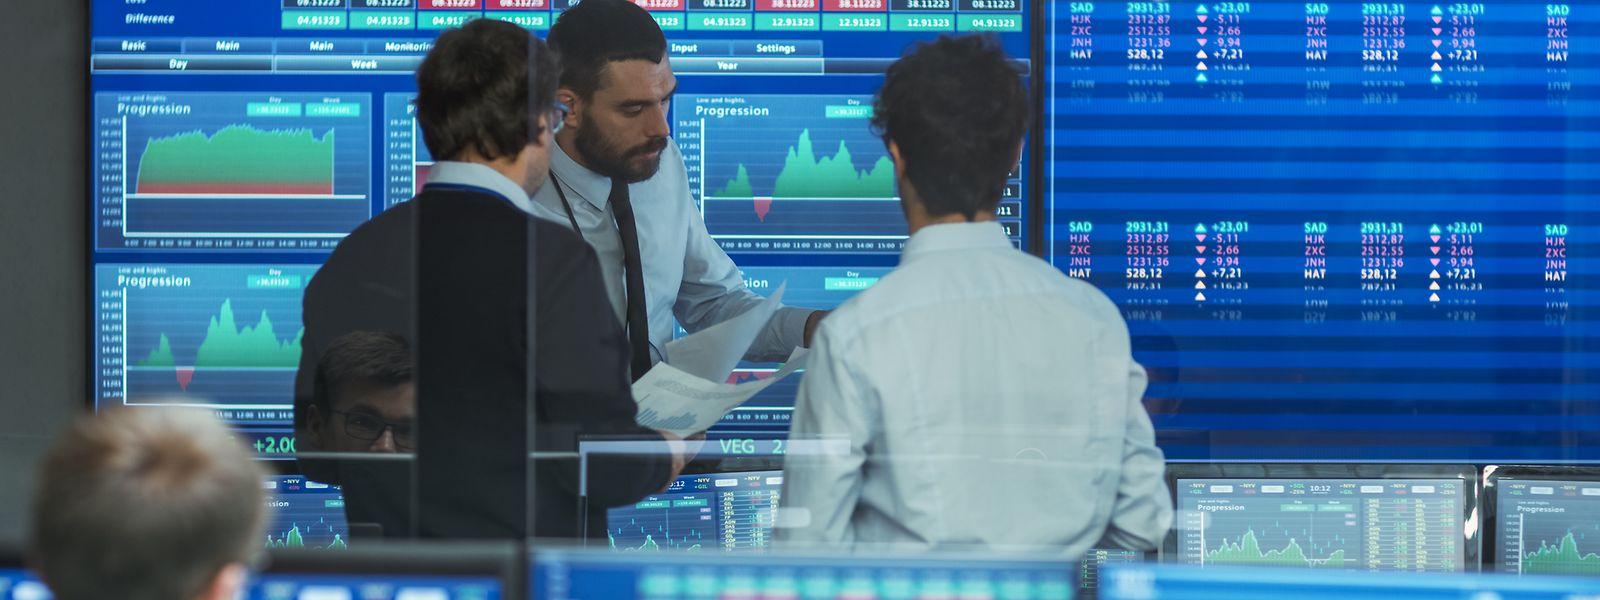 Les financiers incertains face à la taxonomie.